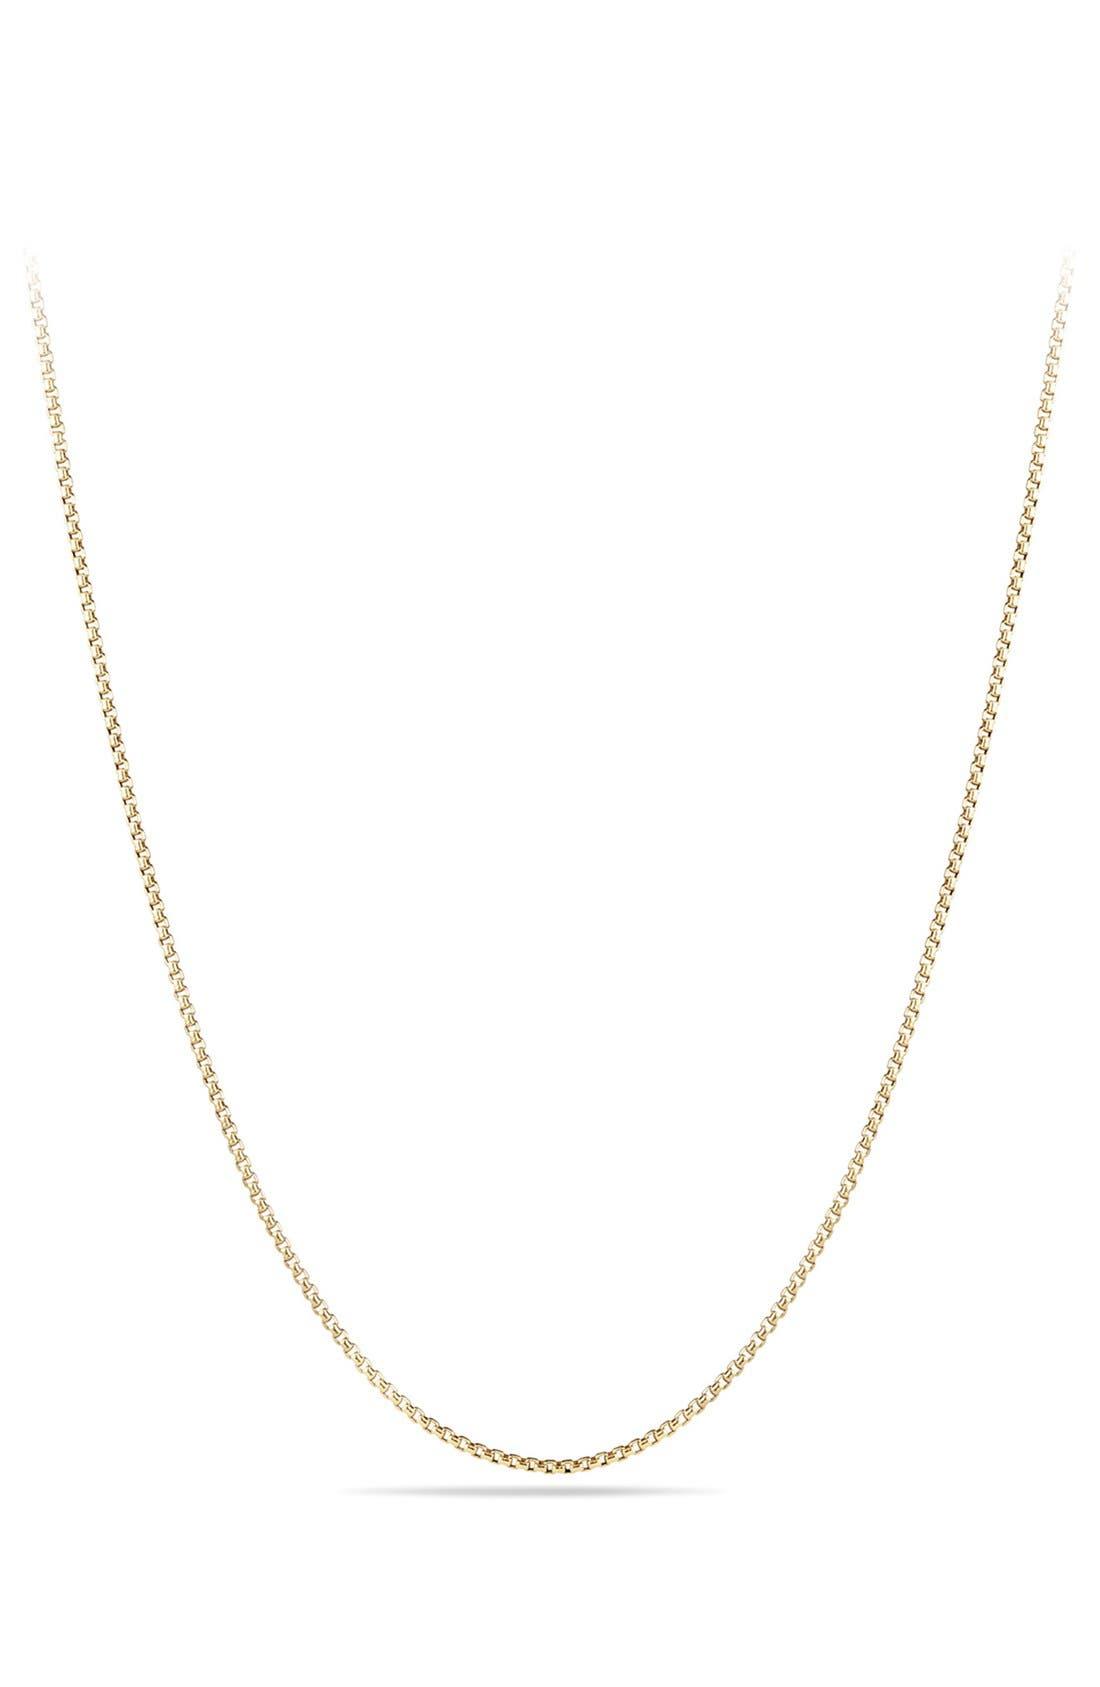 Main Image - David YurmanBox Chain Necklace in 18K Gold